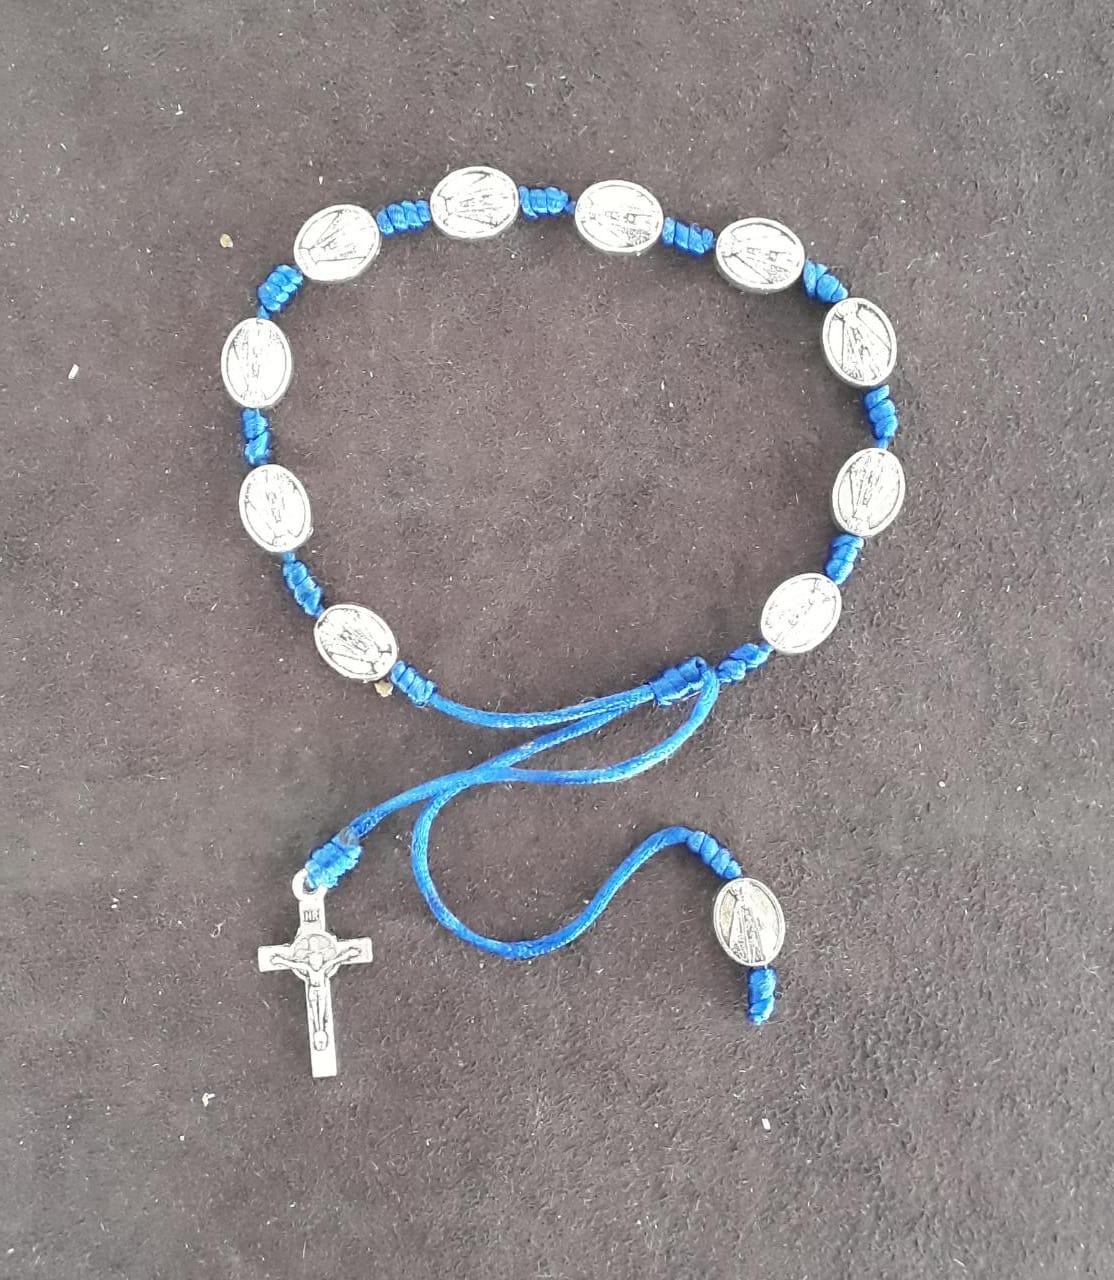 PUL33 - Pulseira Cetim Azul Nossa Senhora Aparecida Niquel  - VindVedShop - Distribuidora Catolica